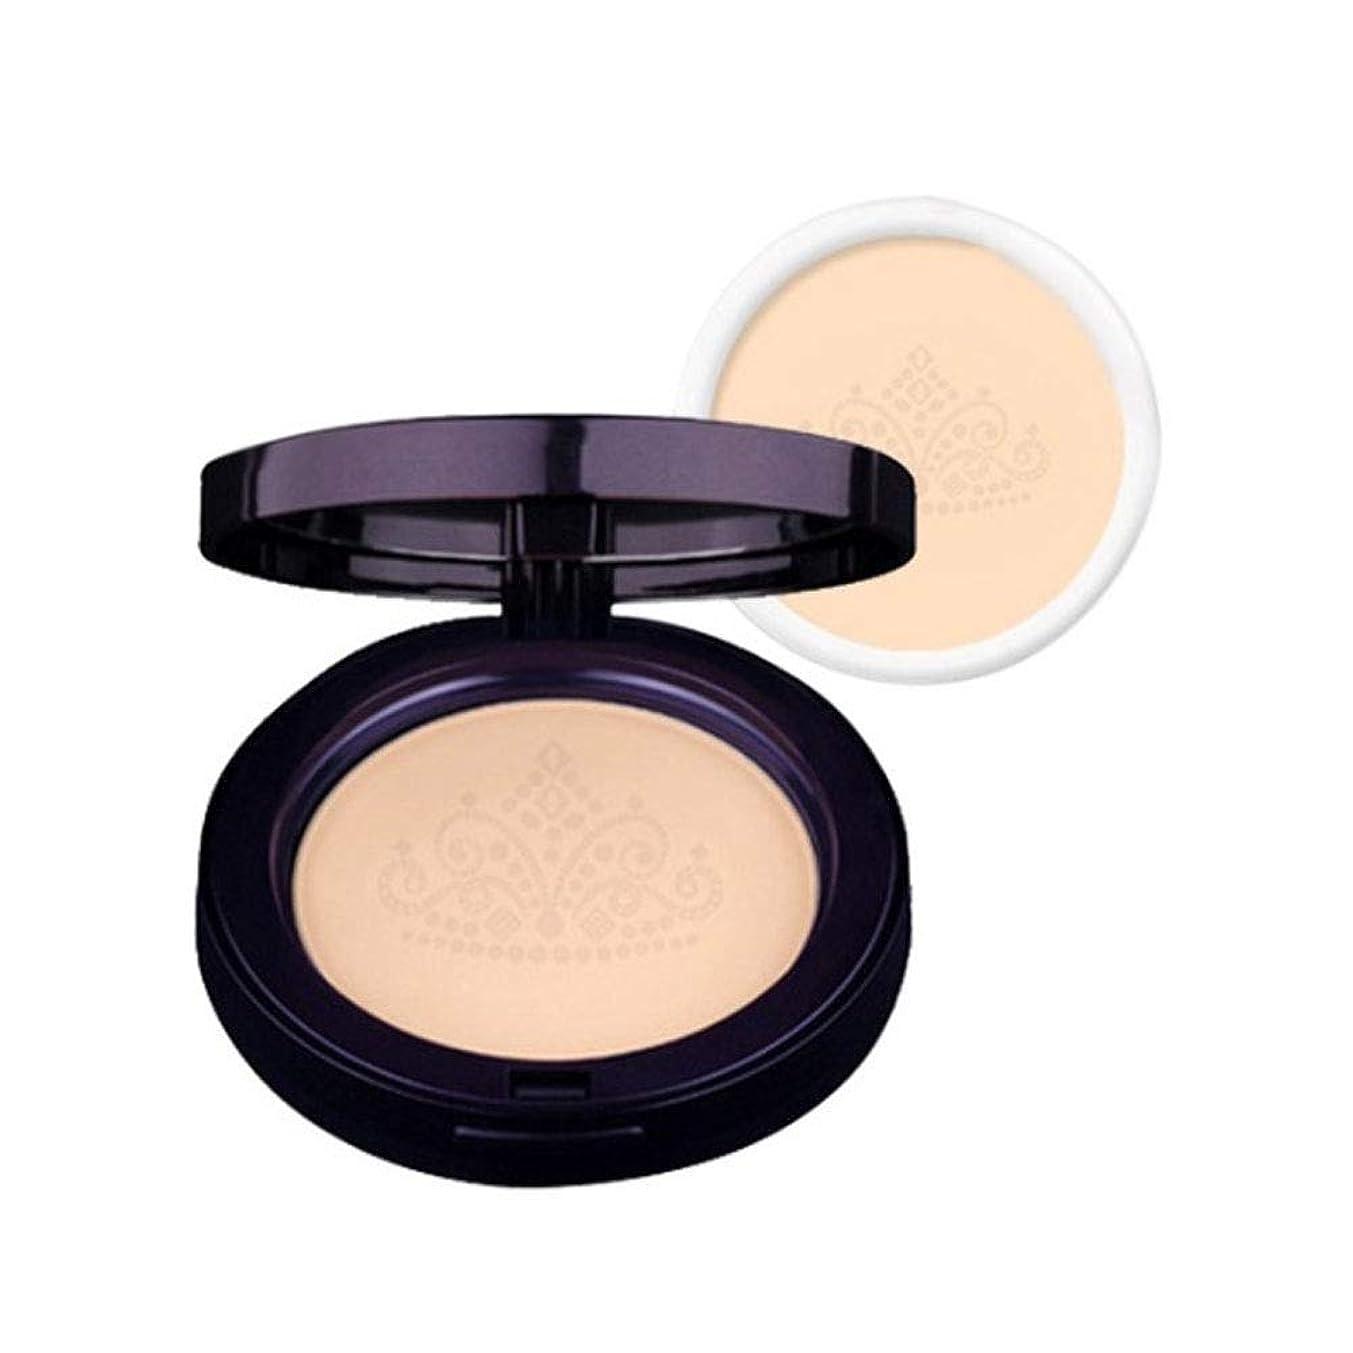 評議会受付シンジケートラクベルクイーンズファクト本品+リピルセット2カラー韓国コスメ、Lacvert Queen's Pact+ Refill Set 2 Colors Korean Cosmetics [並行輸入品] (No. 21)